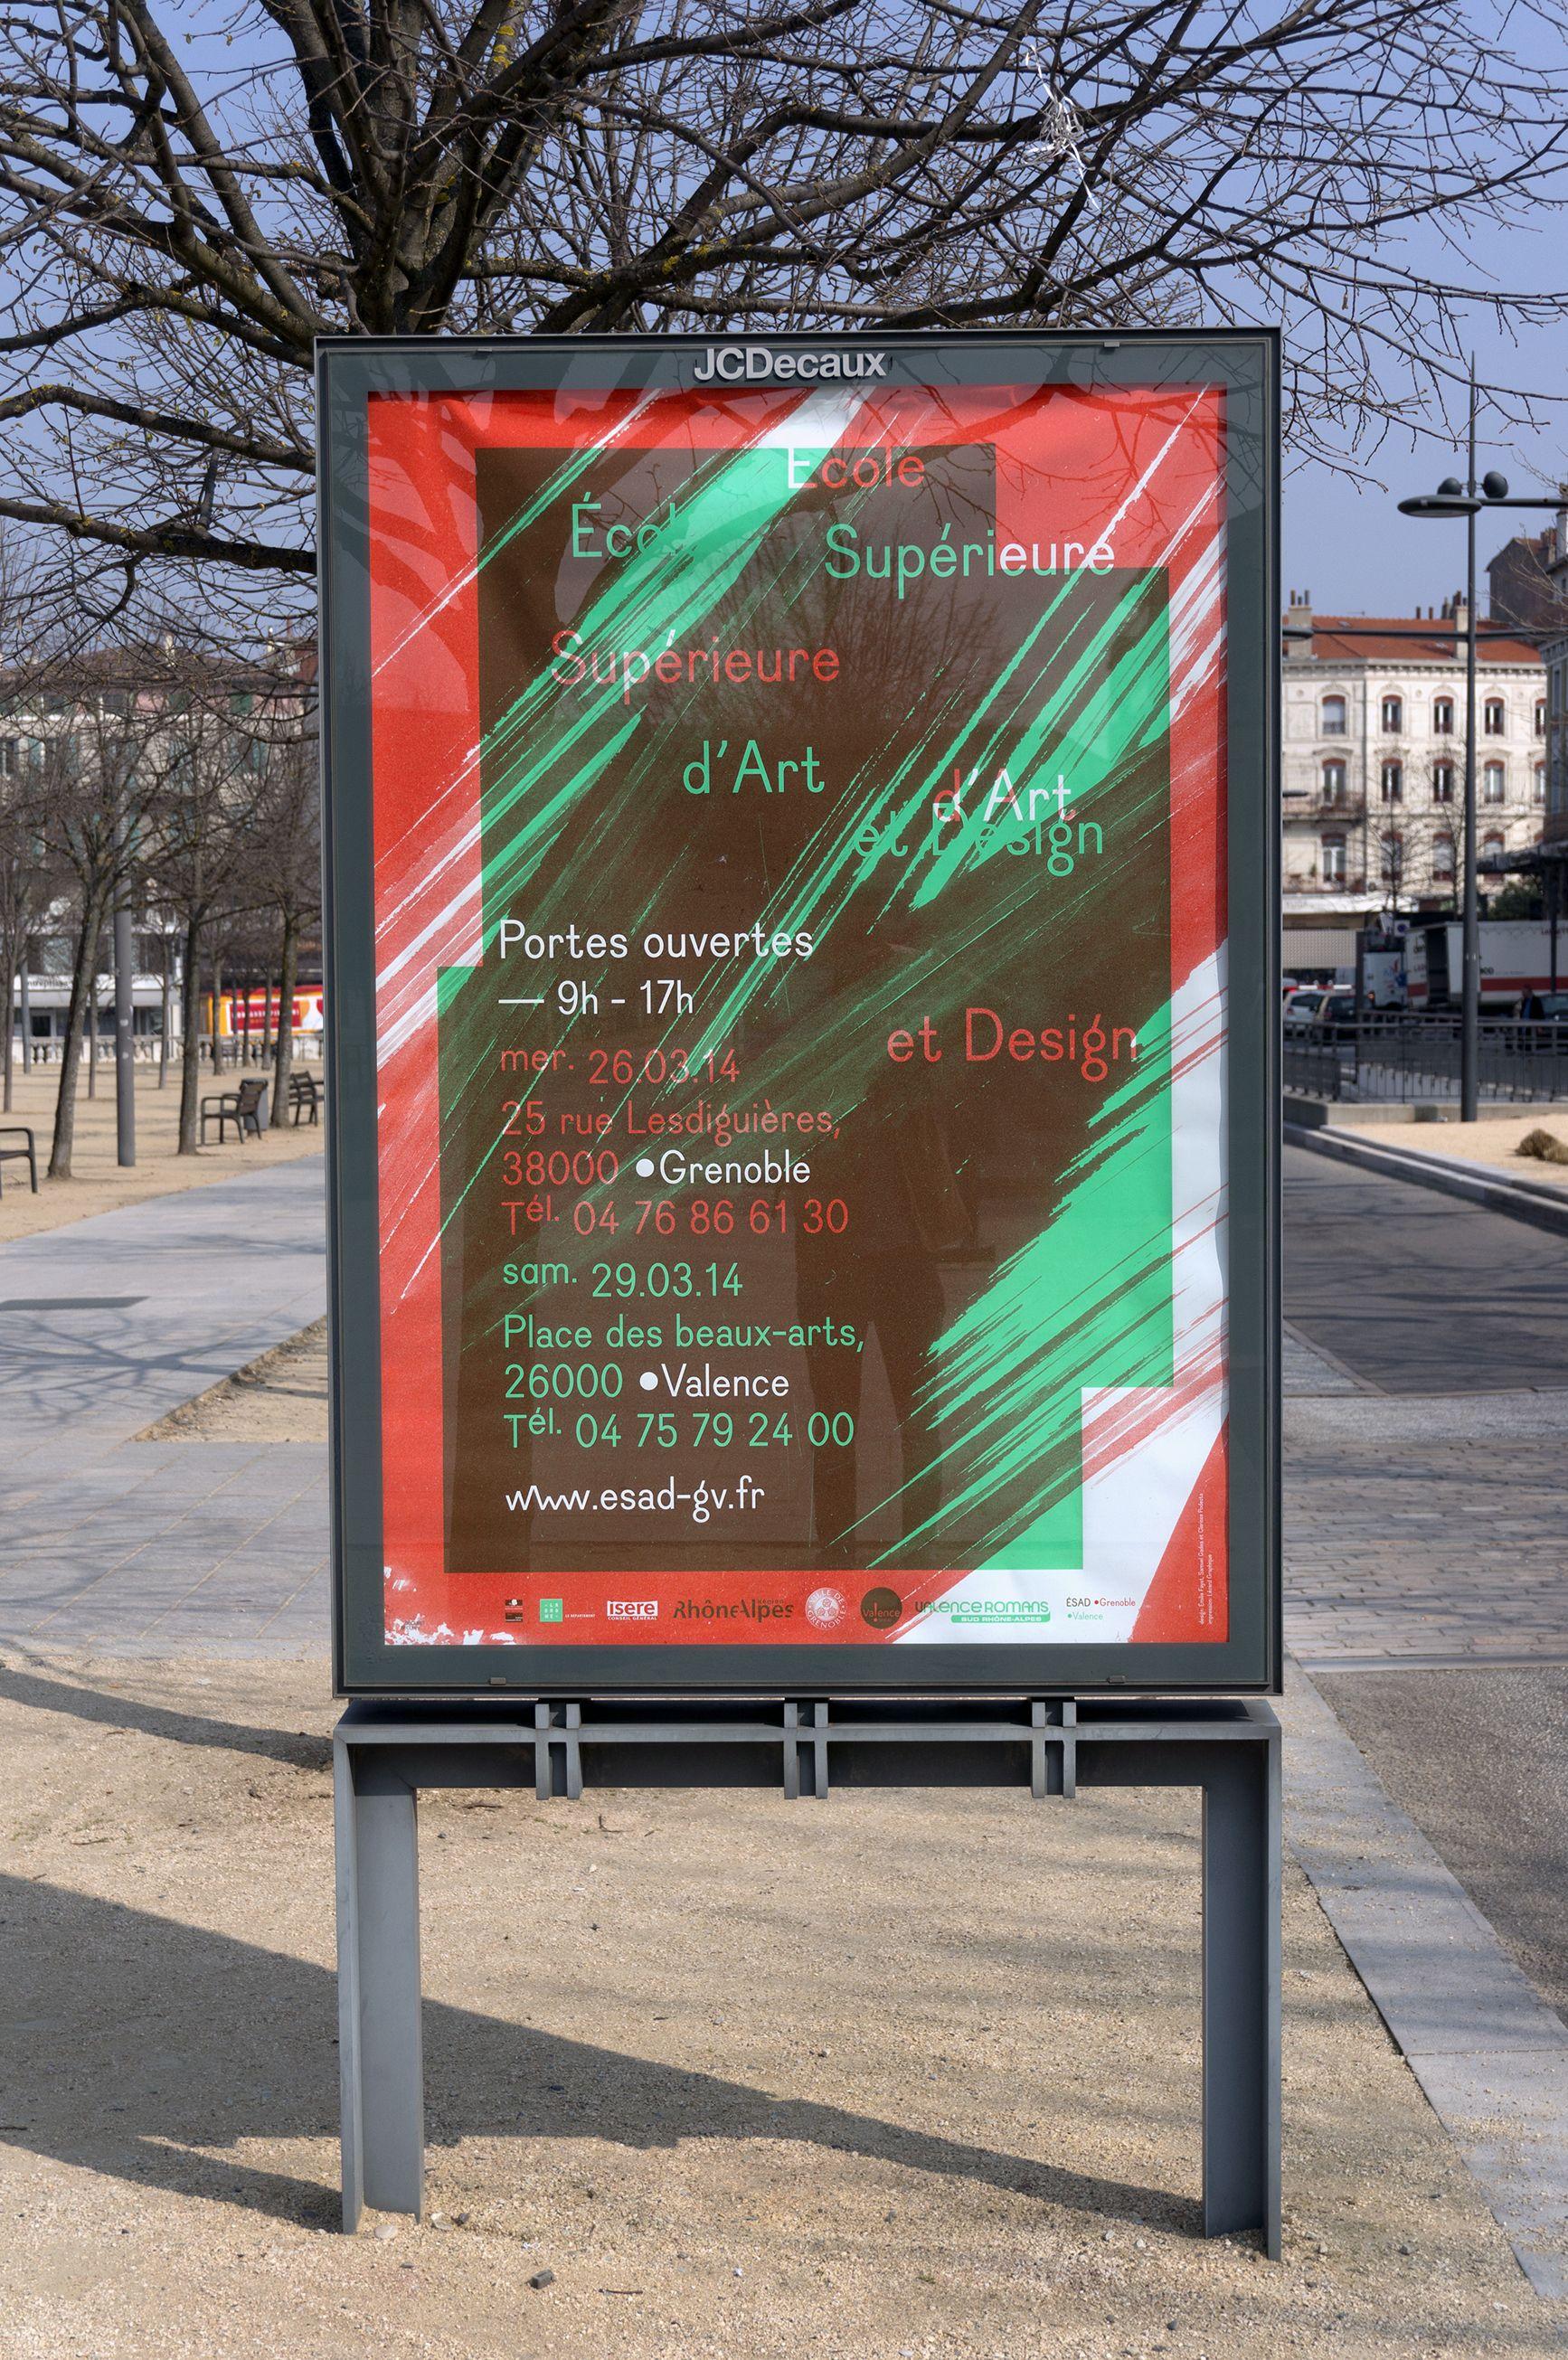 Affiche Journee Portes Ouvertes Ecole Superieure D Art Et Design Esad Grenoble Valence Samuel Gadea Clarisse Podesta Et Emilie Art Et Design Art Valence